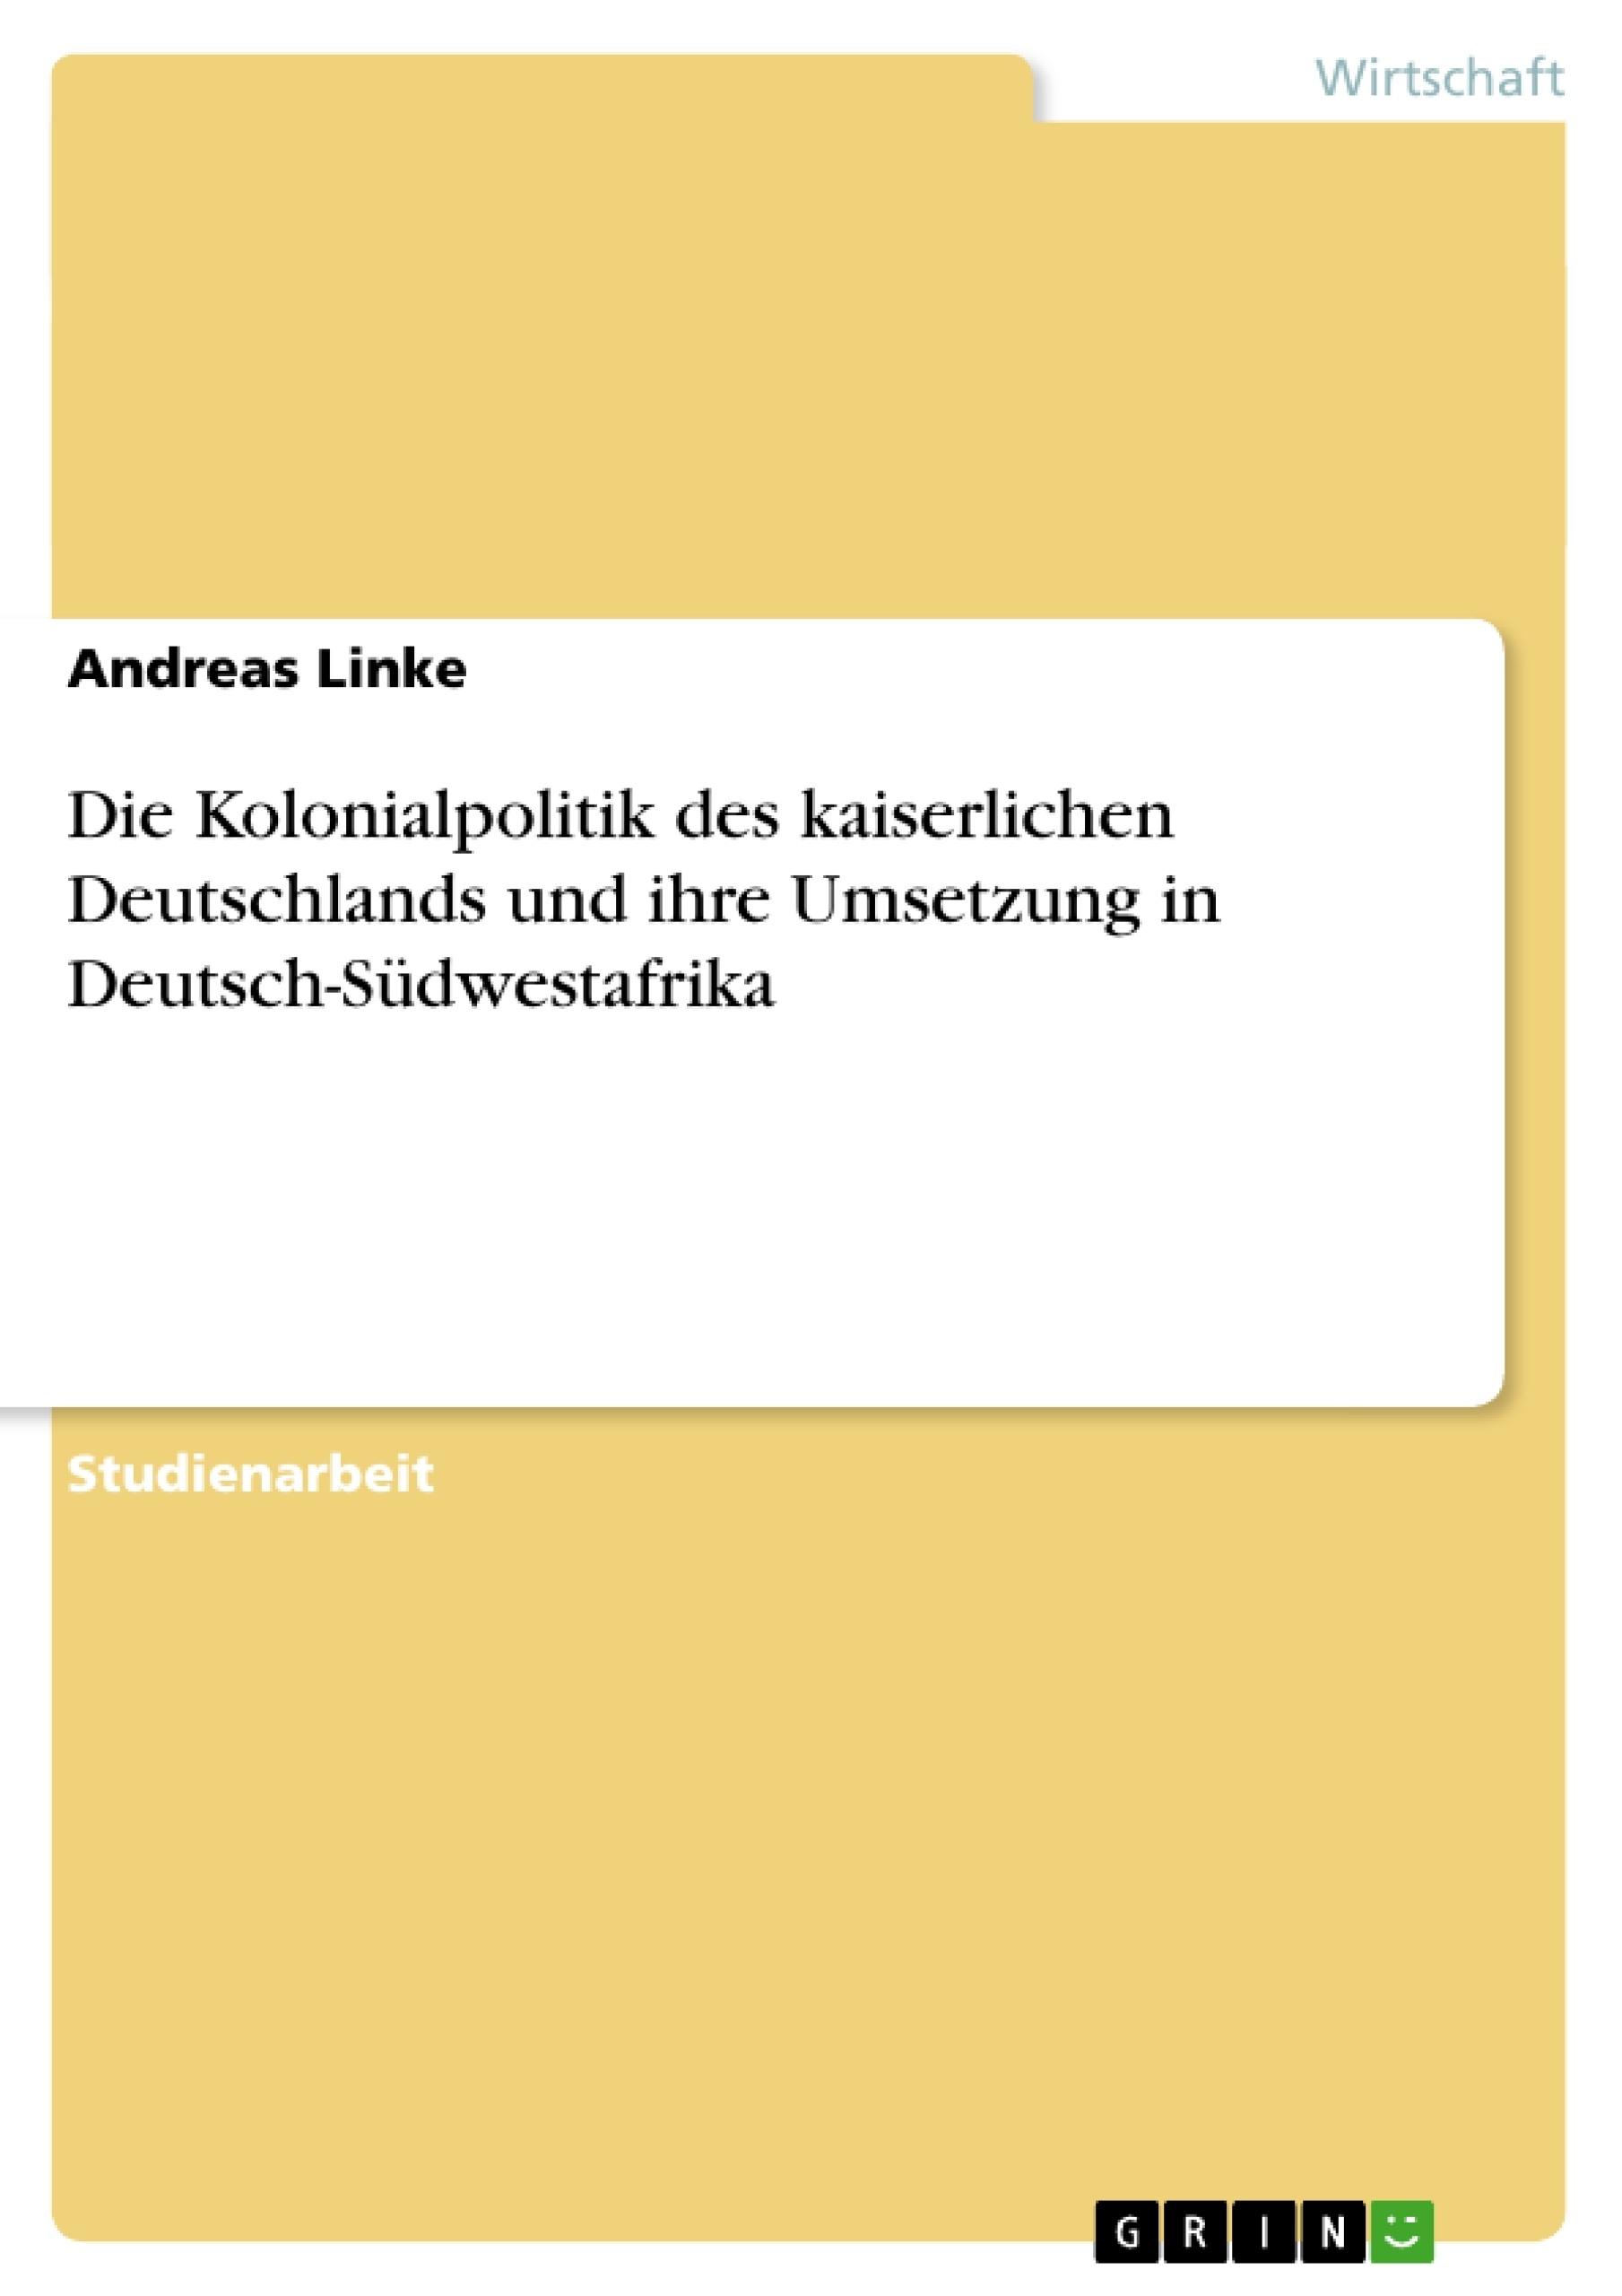 Titel: Die Kolonialpolitik des kaiserlichen Deutschlands und ihre Umsetzung in Deutsch-Südwestafrika